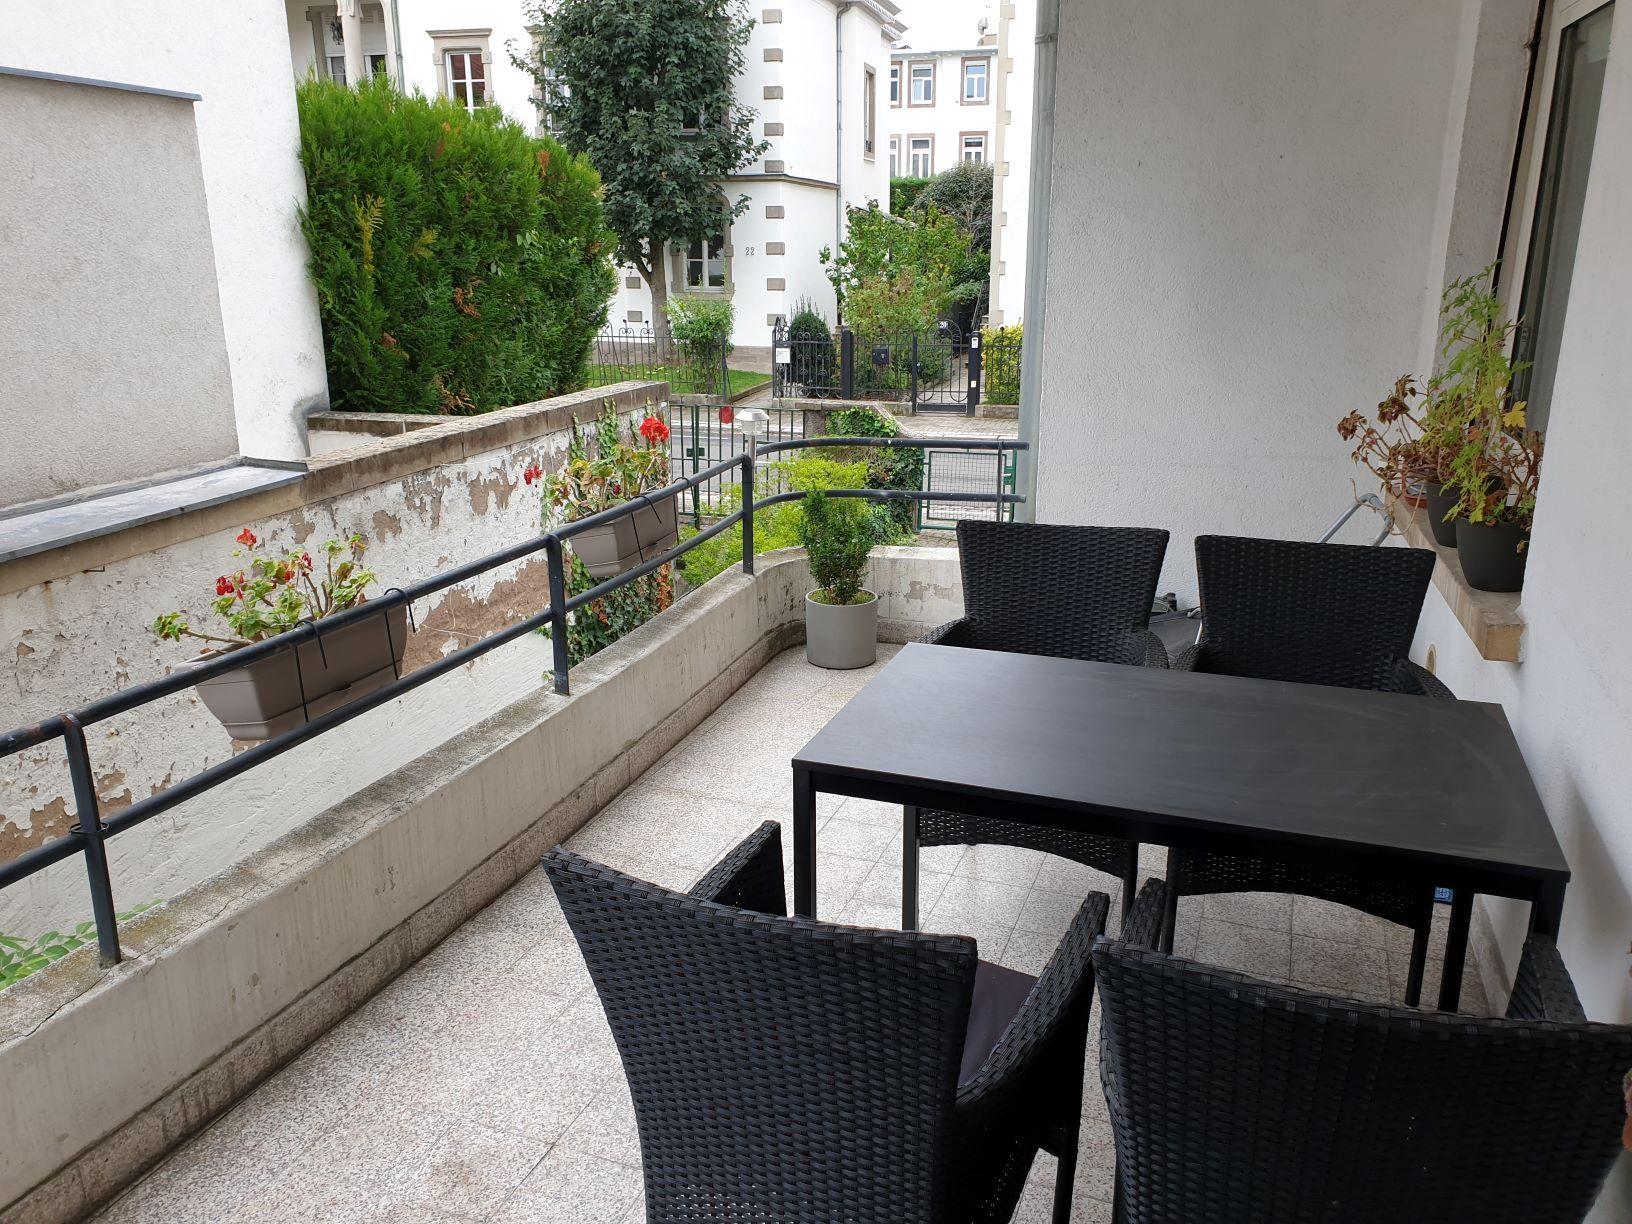 3P avec terrasse orangerie - Devenez locataire en toute sérénité - Bintz Immobilier - 2